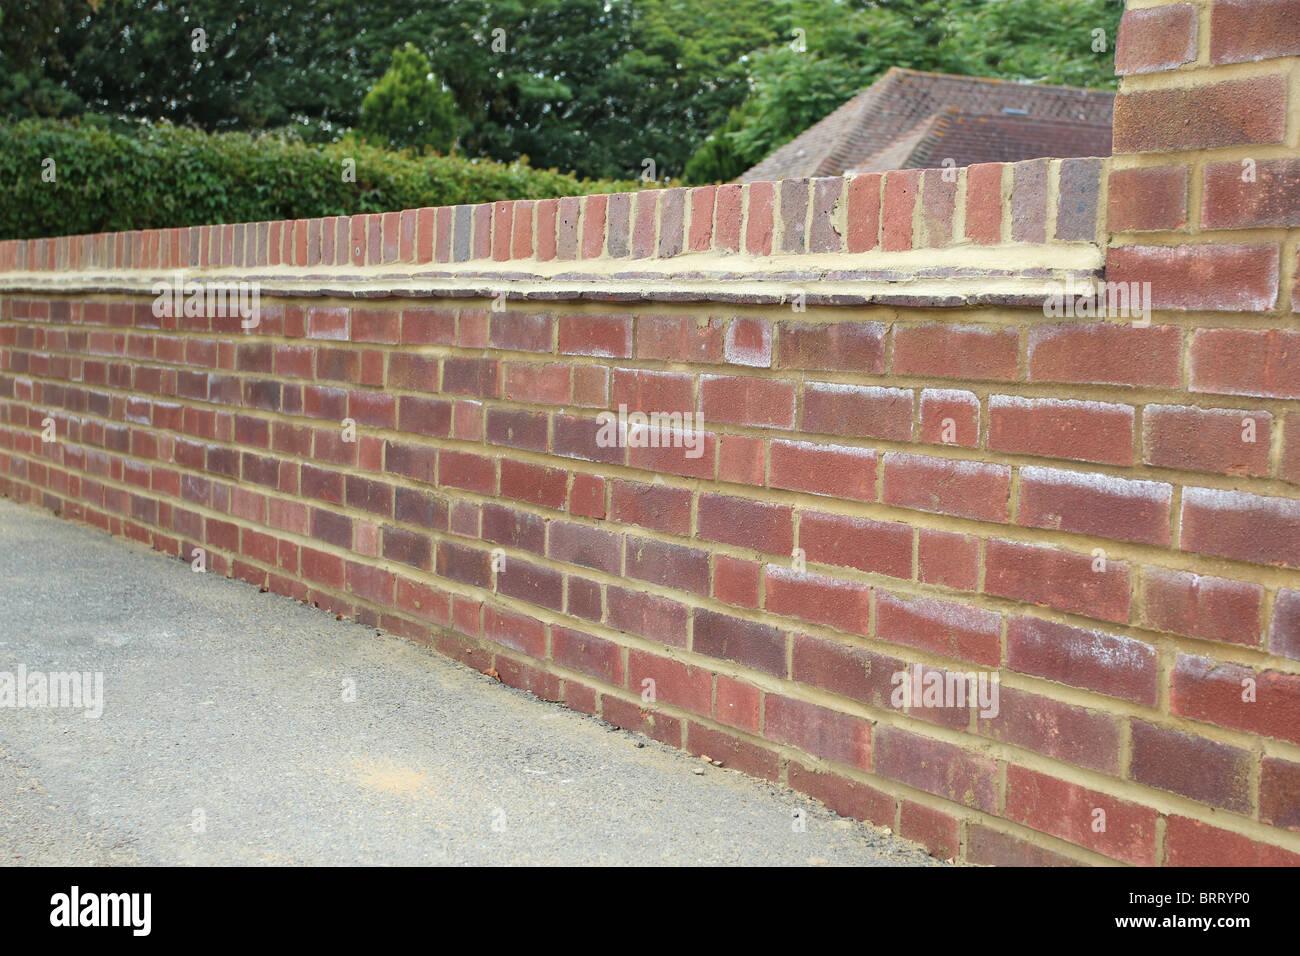 Neu errichtete Mauer an der Vorderseite eines Hauses. Stockbild